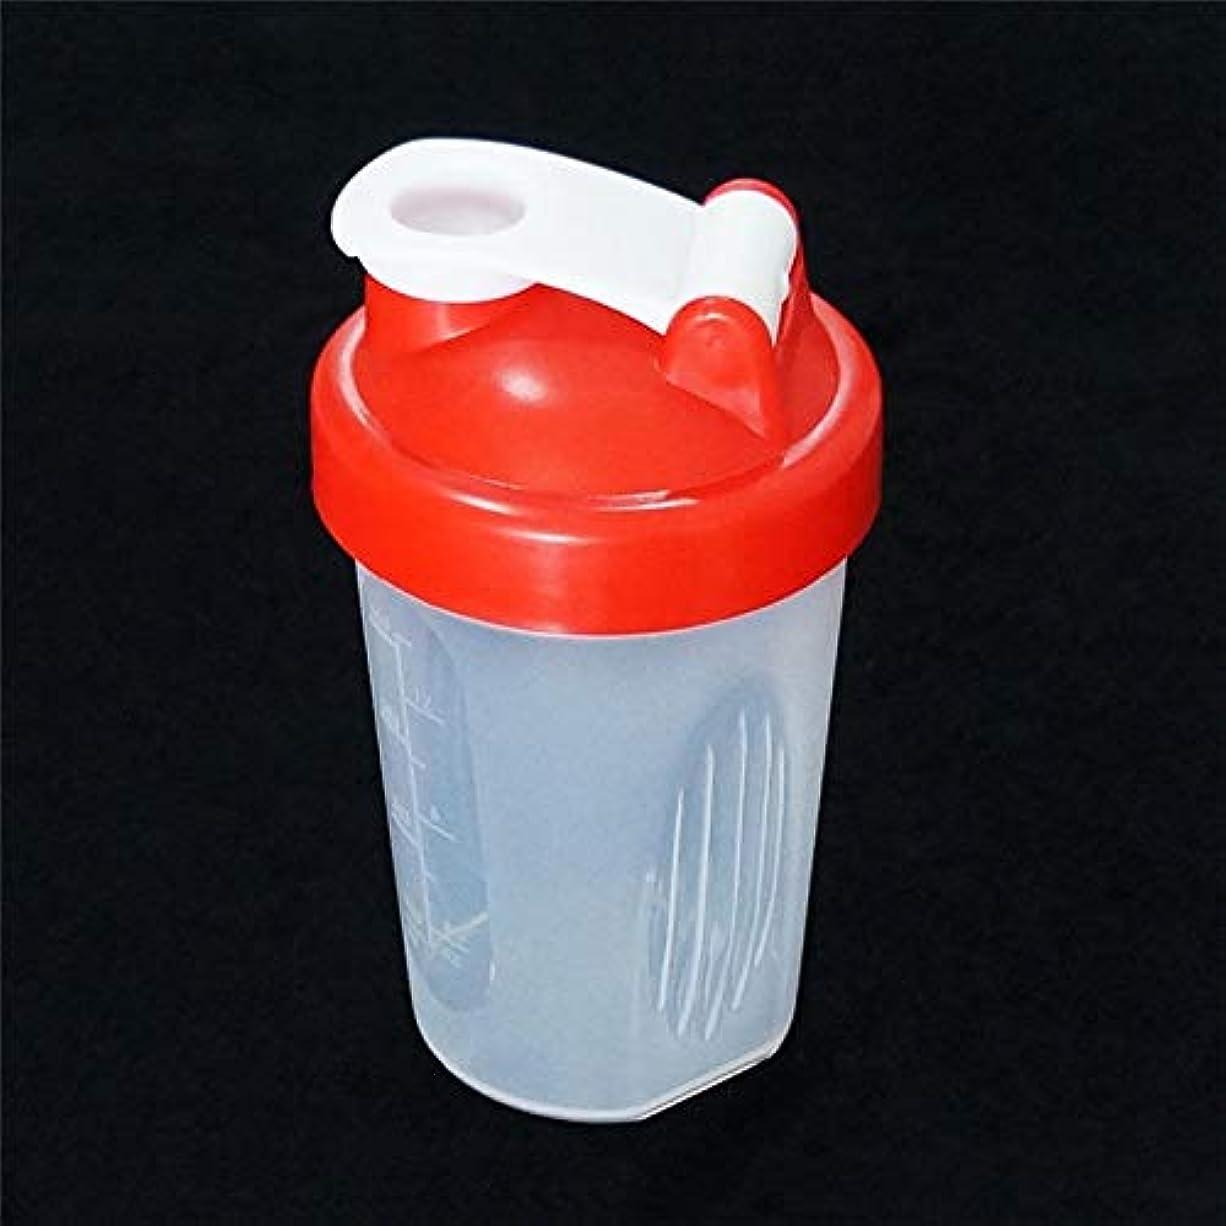 ベテラン自治ローズMaxcrestas - 400ML Plastic Shake Cups Drink Creative Large Capacity Free Shake Blender Shaker Mixer Cups Drink Whisk Ball Bottle New Arrivals